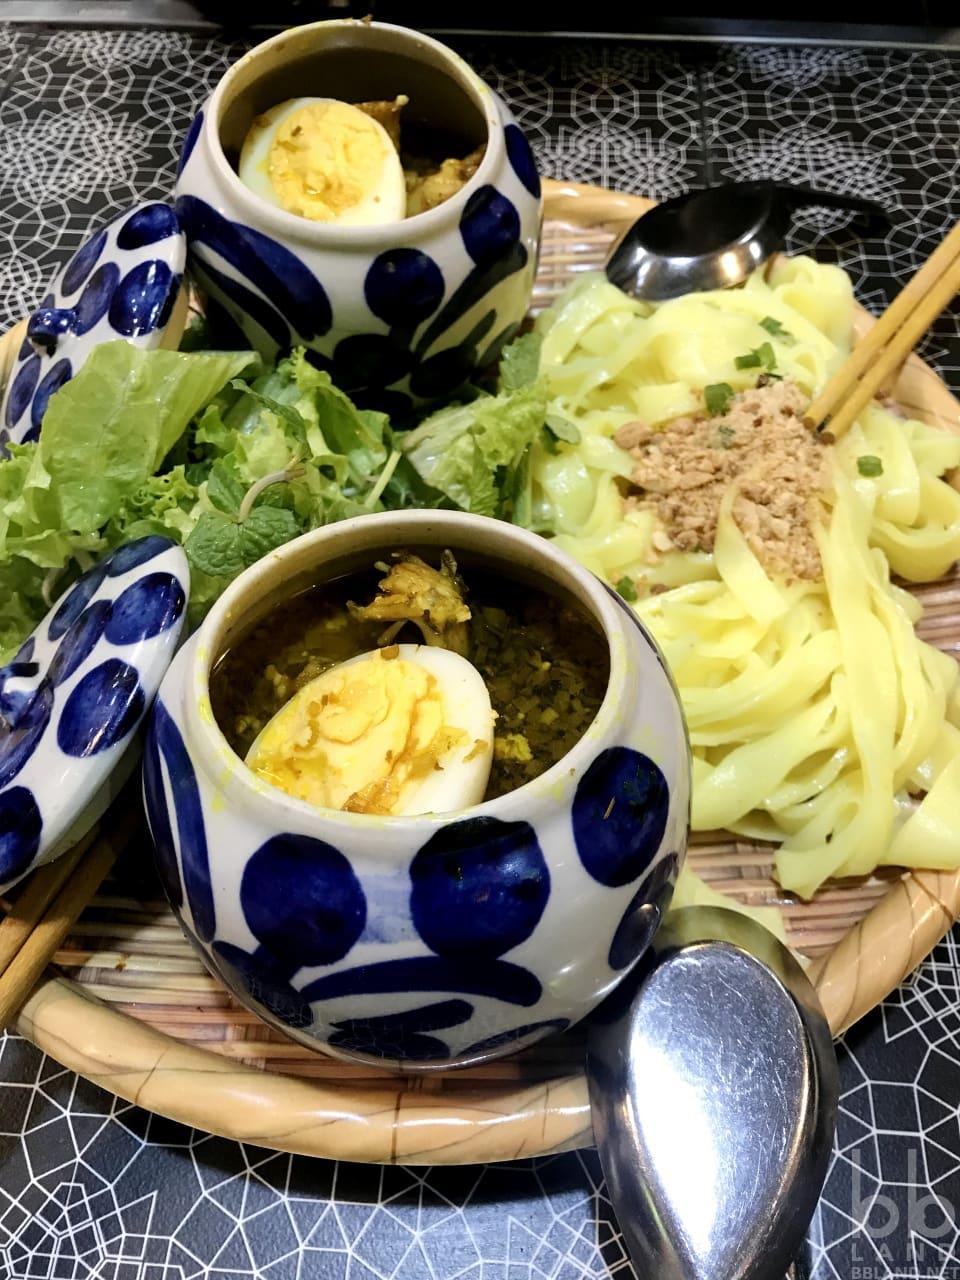 Đánh Giá Mì Quảng Ếch Bếp Trang Đà Nẵng